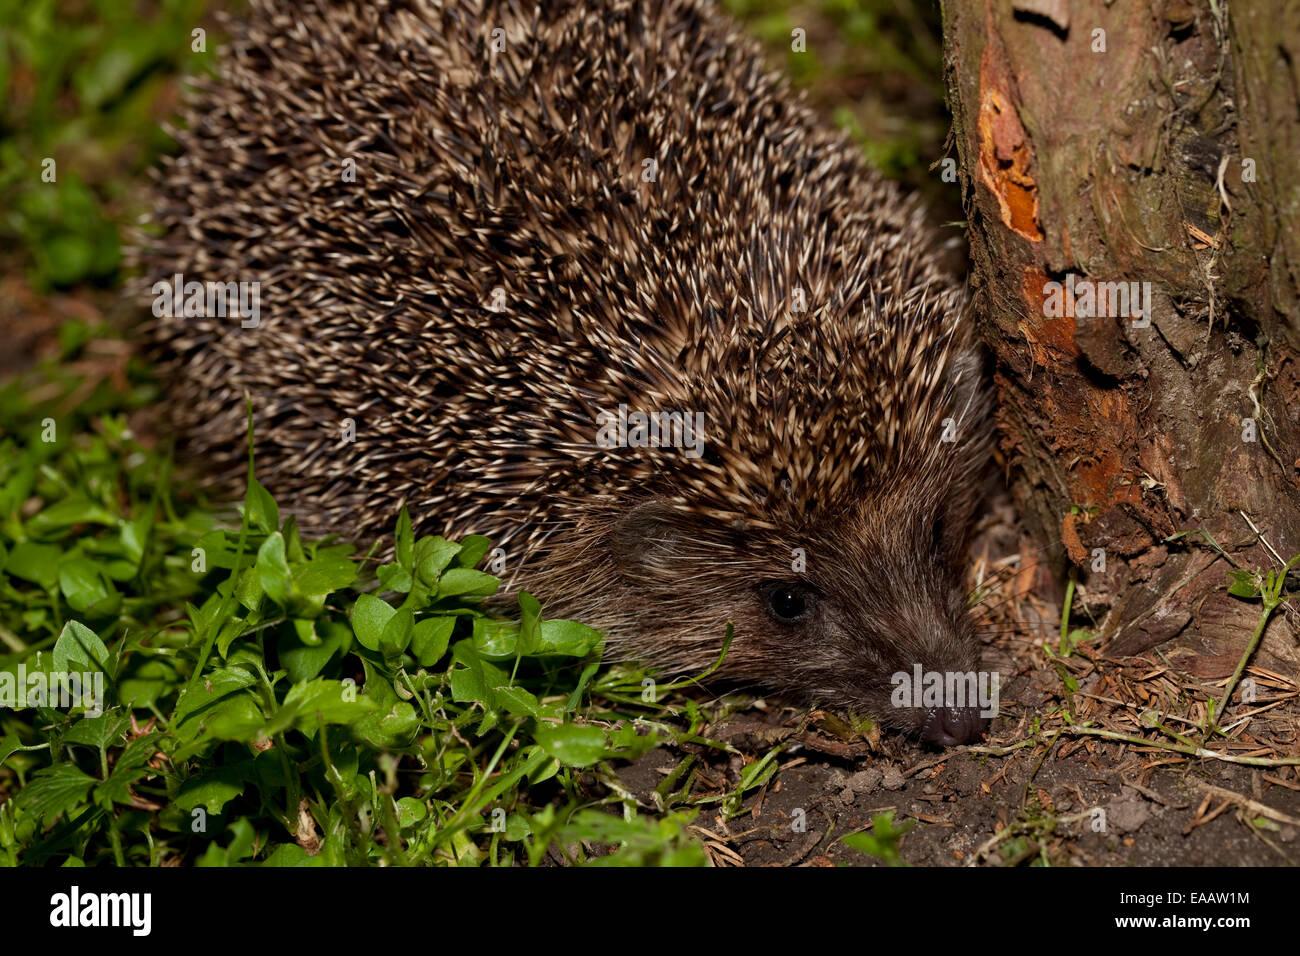 wild adult hedgehog sit in garden - Stock Image